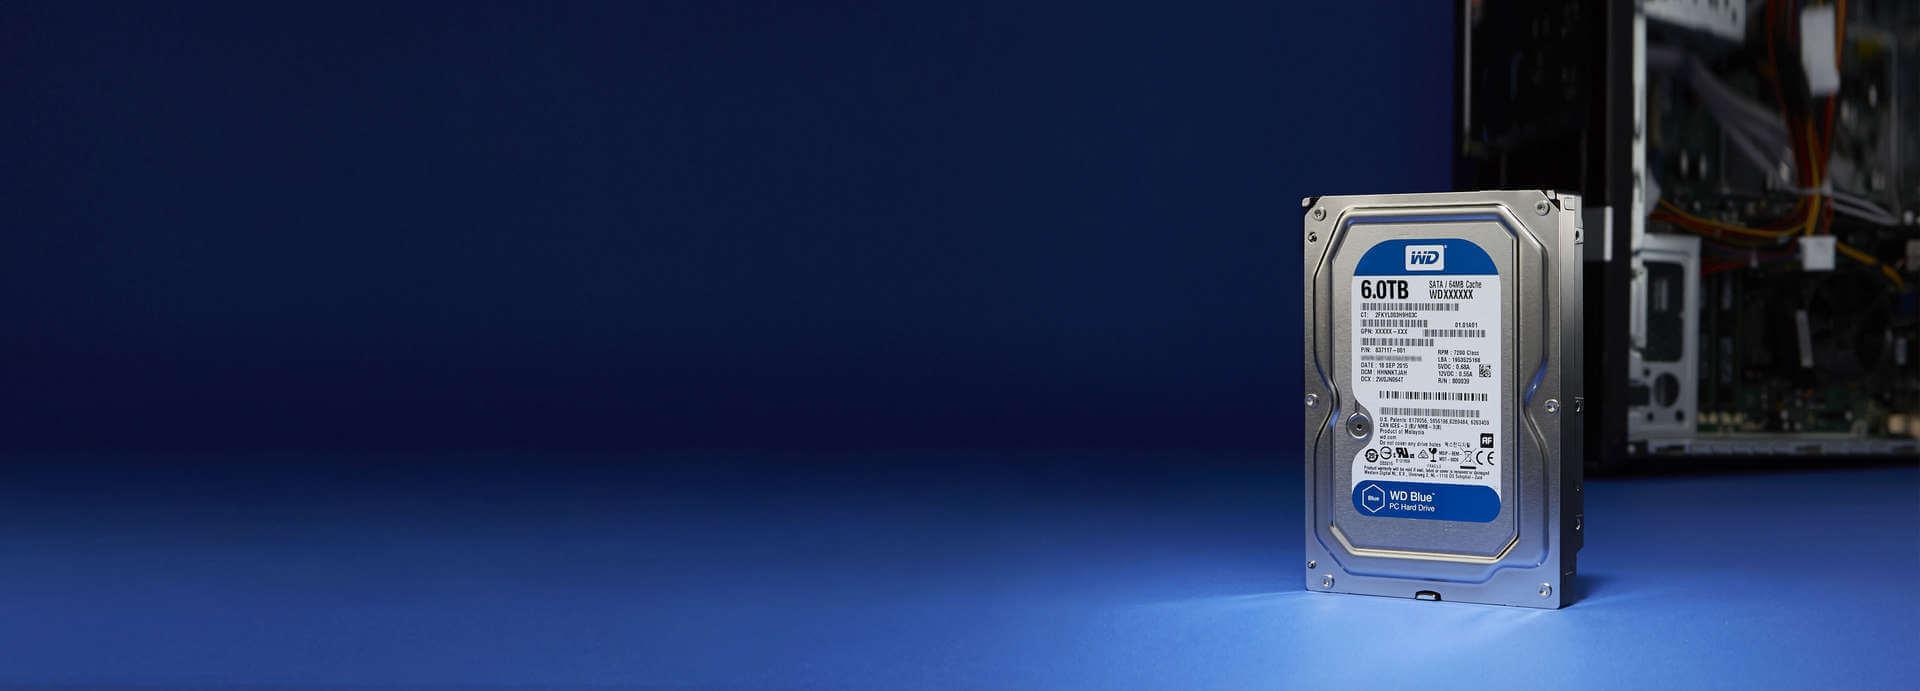 Western Digital HDD Blue 2TB هارد دیسک وسترن دیجیتال